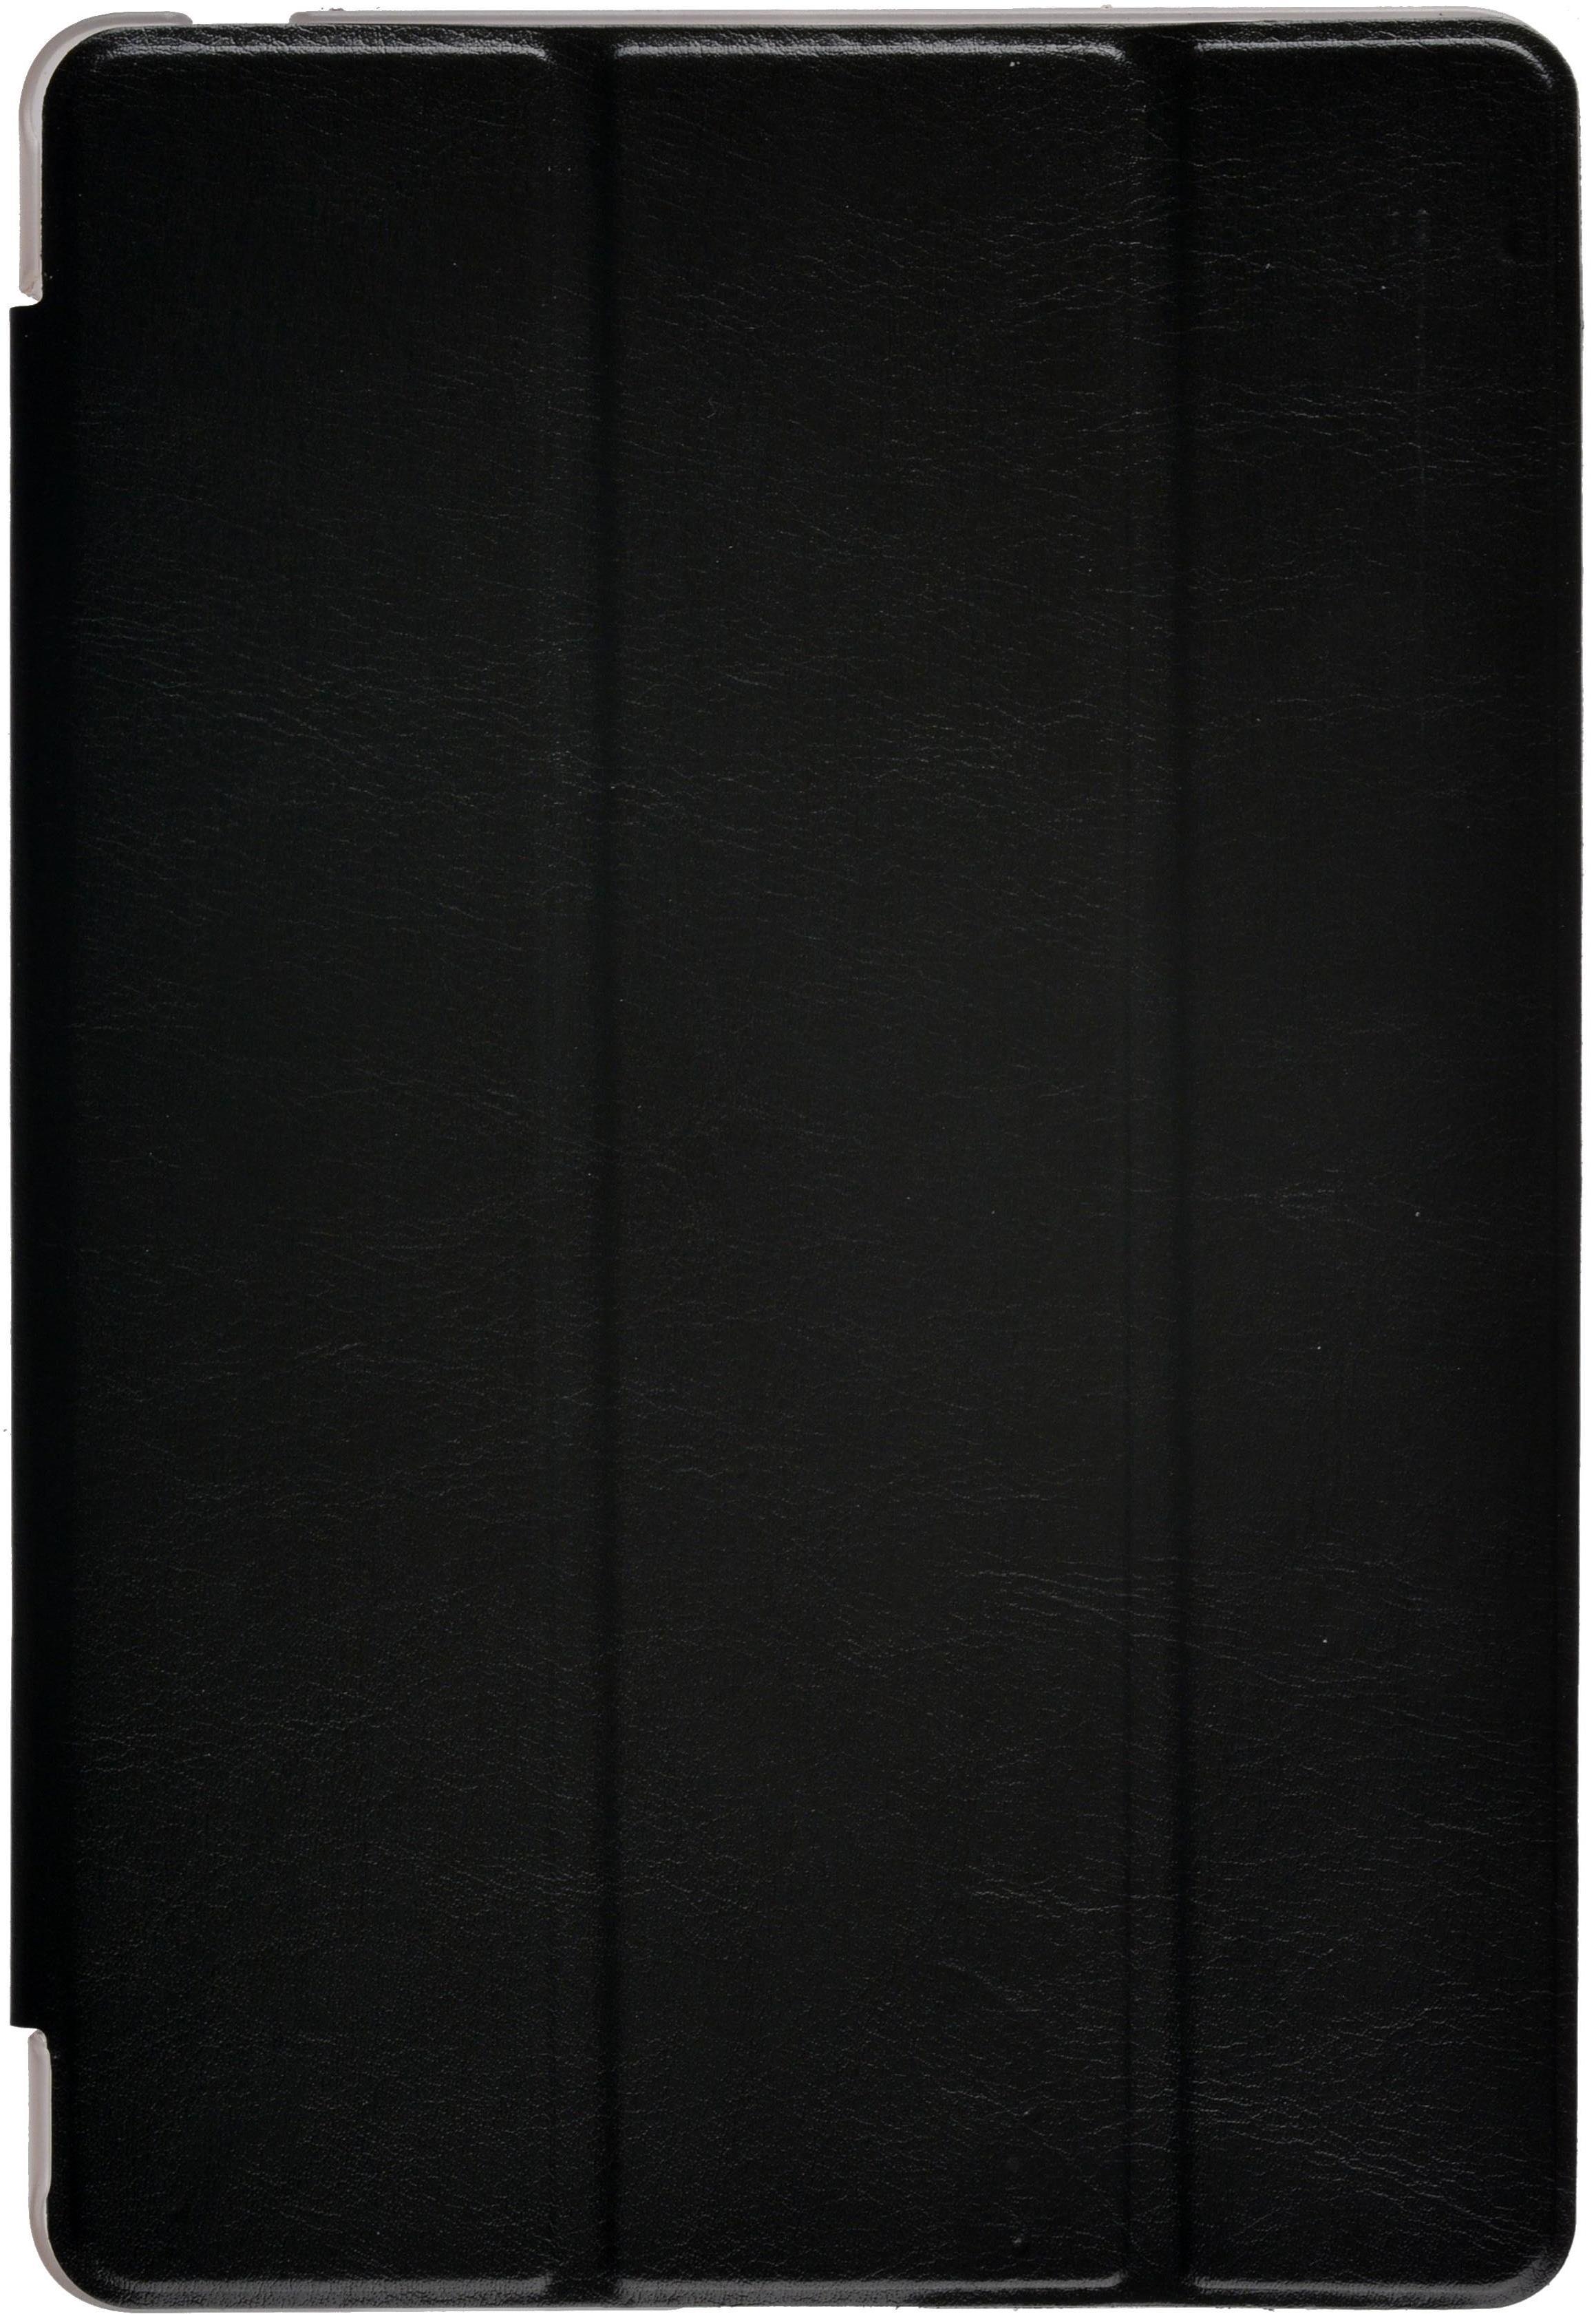 Чехол для планшета ProShield Smart, 4630042527683, черный